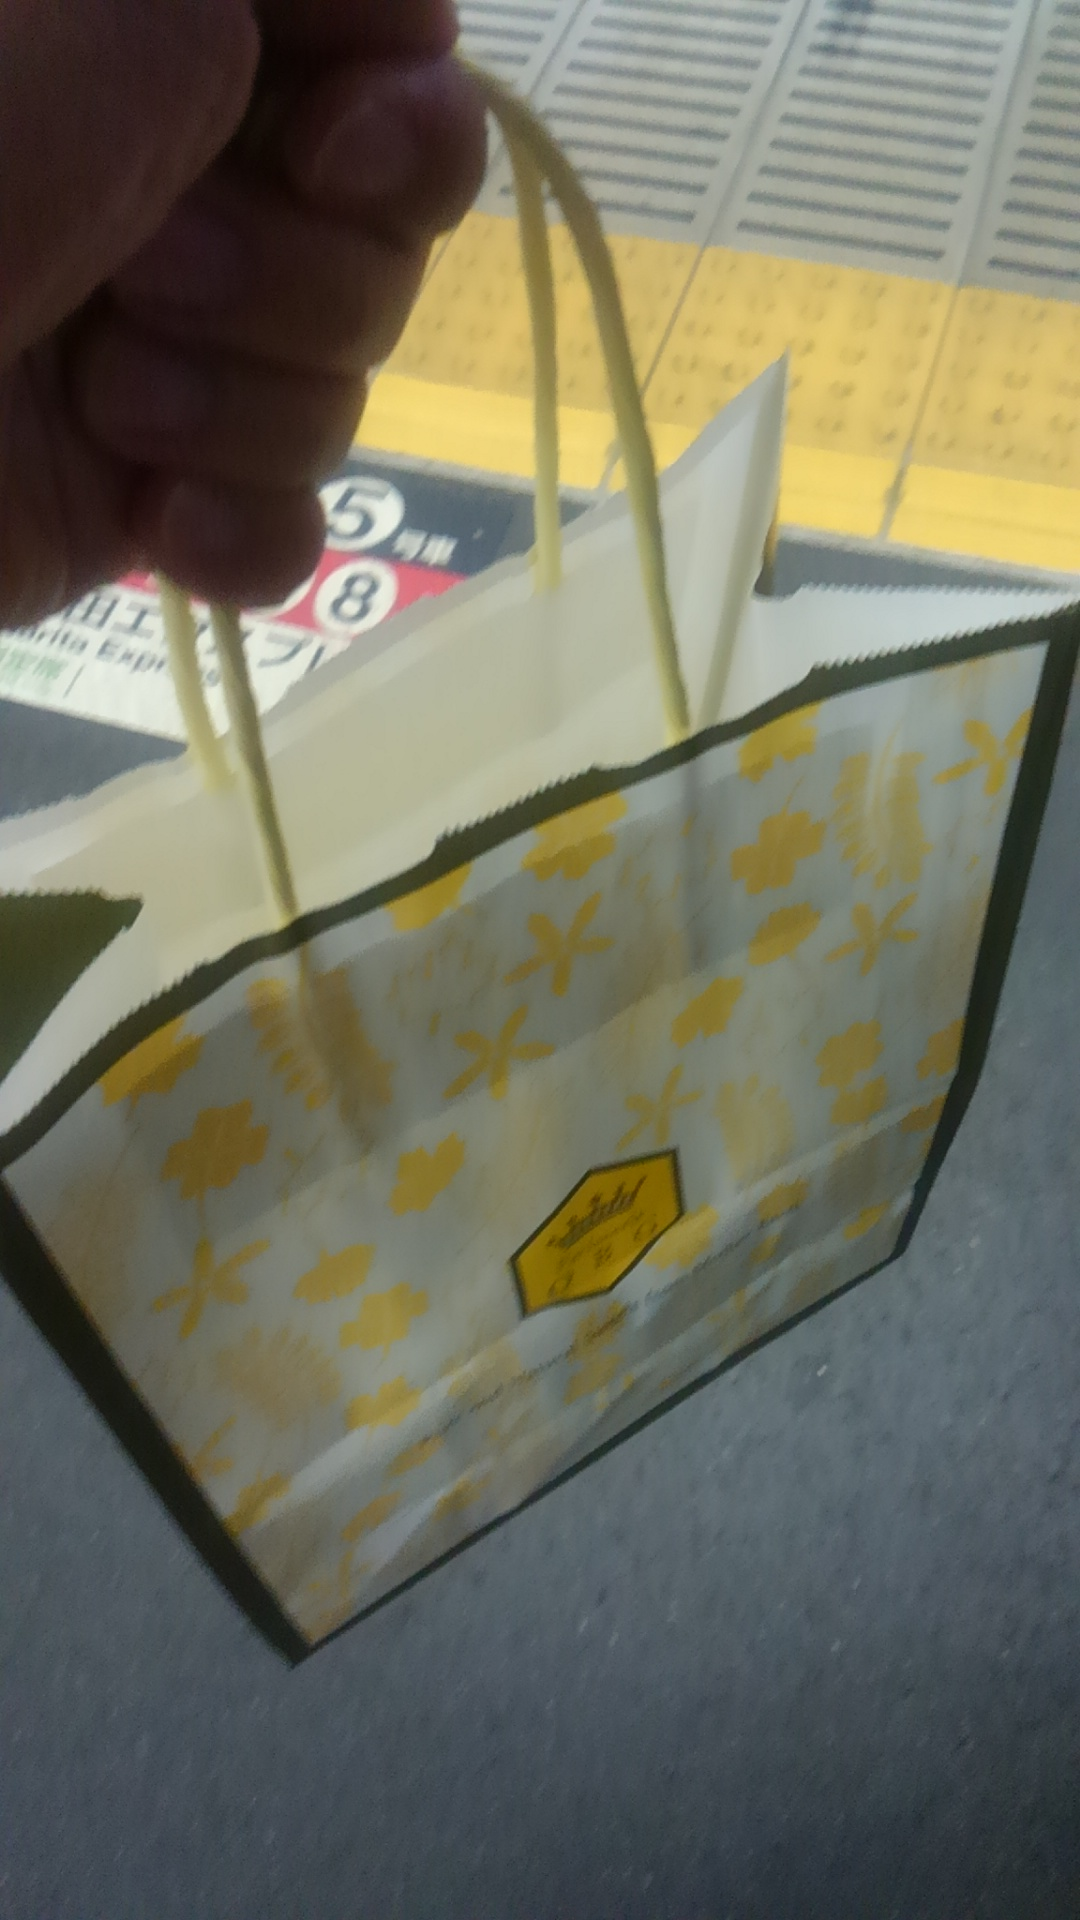 品川駅でプリンを買いました!